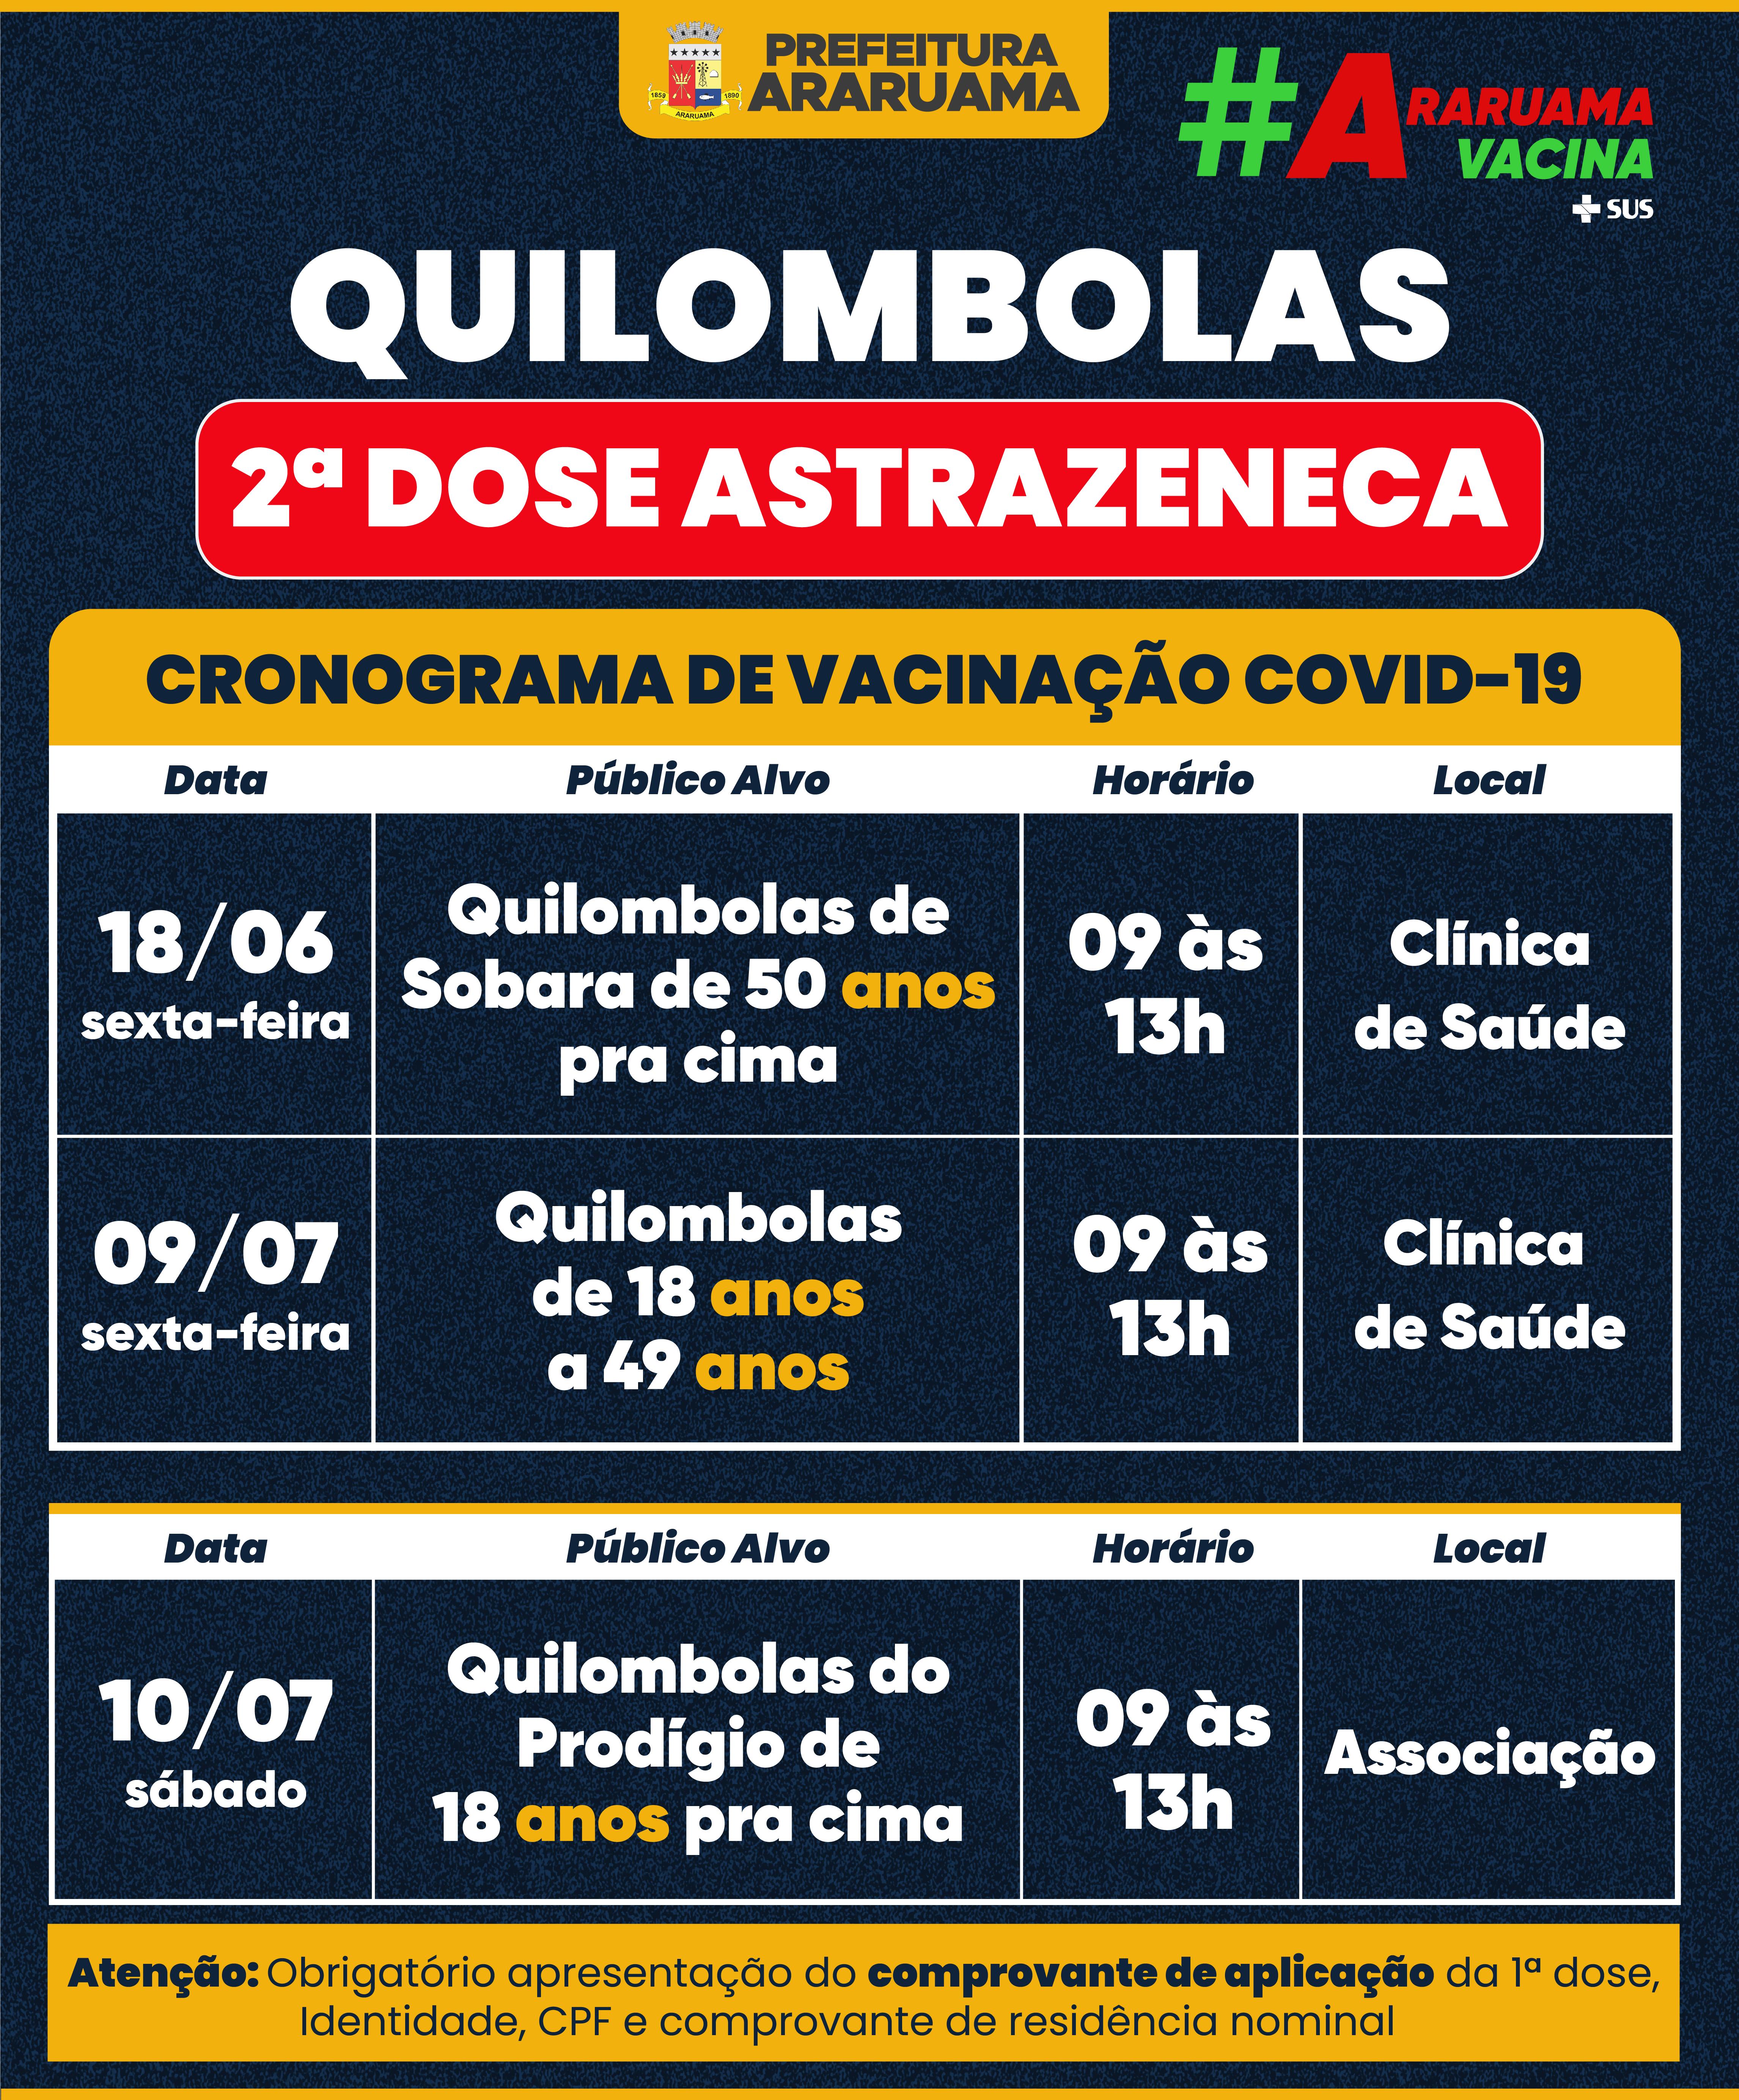 Vacinação da segunda dose da Astrazeneca para Comunidades Quilombolas